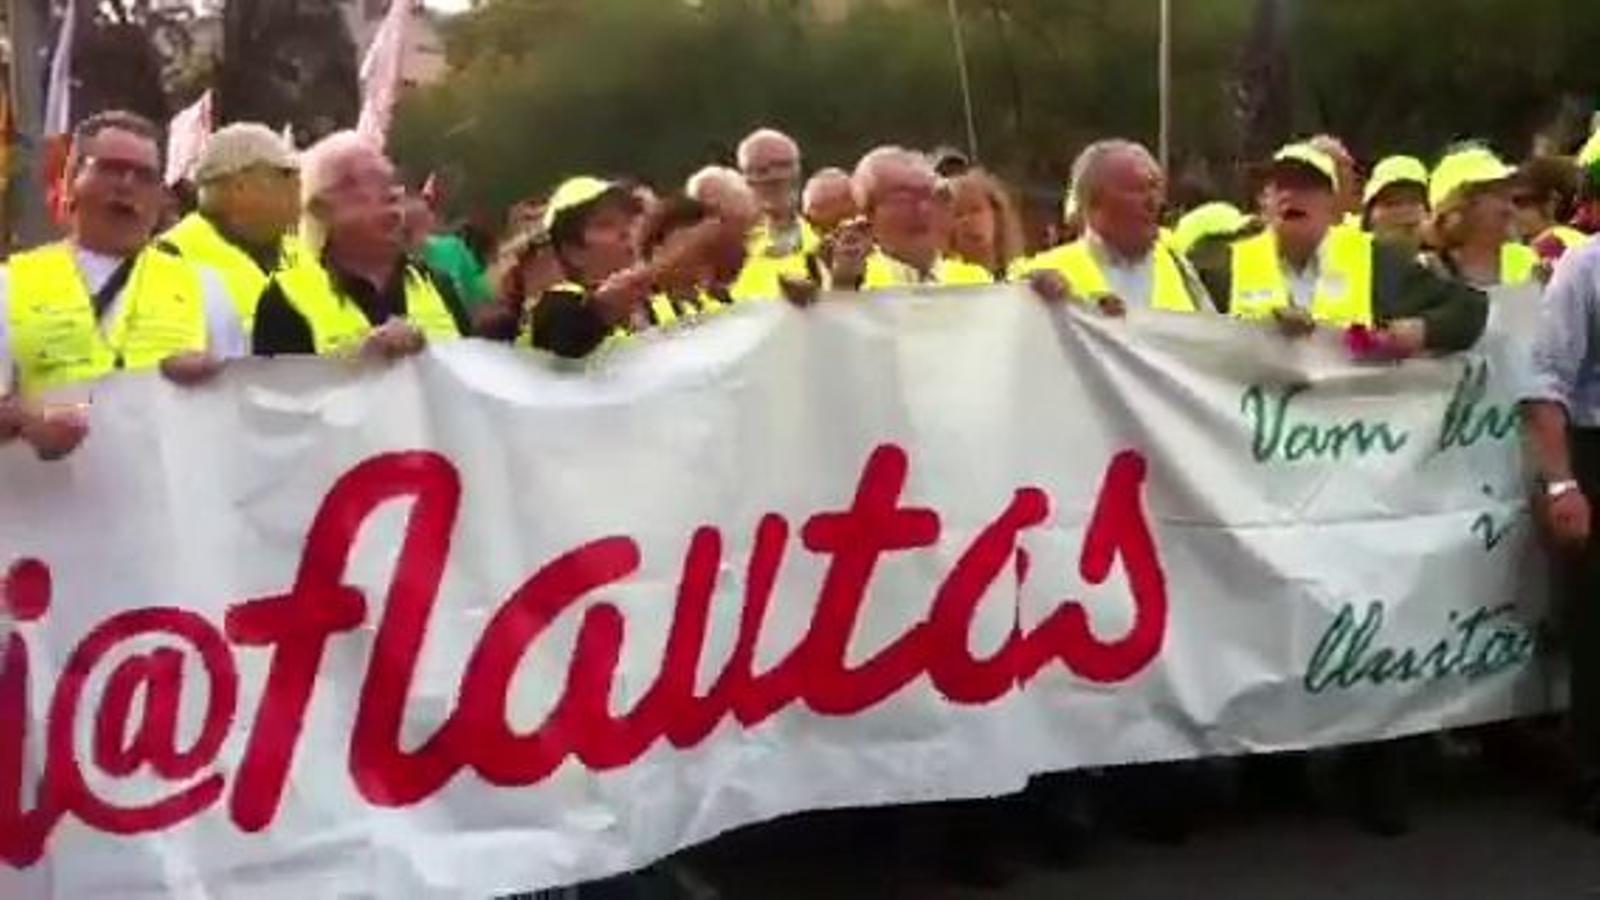 Els 'iaioflautes' ballen 'L'estaca' a la manifestació de l'esquerra independentista